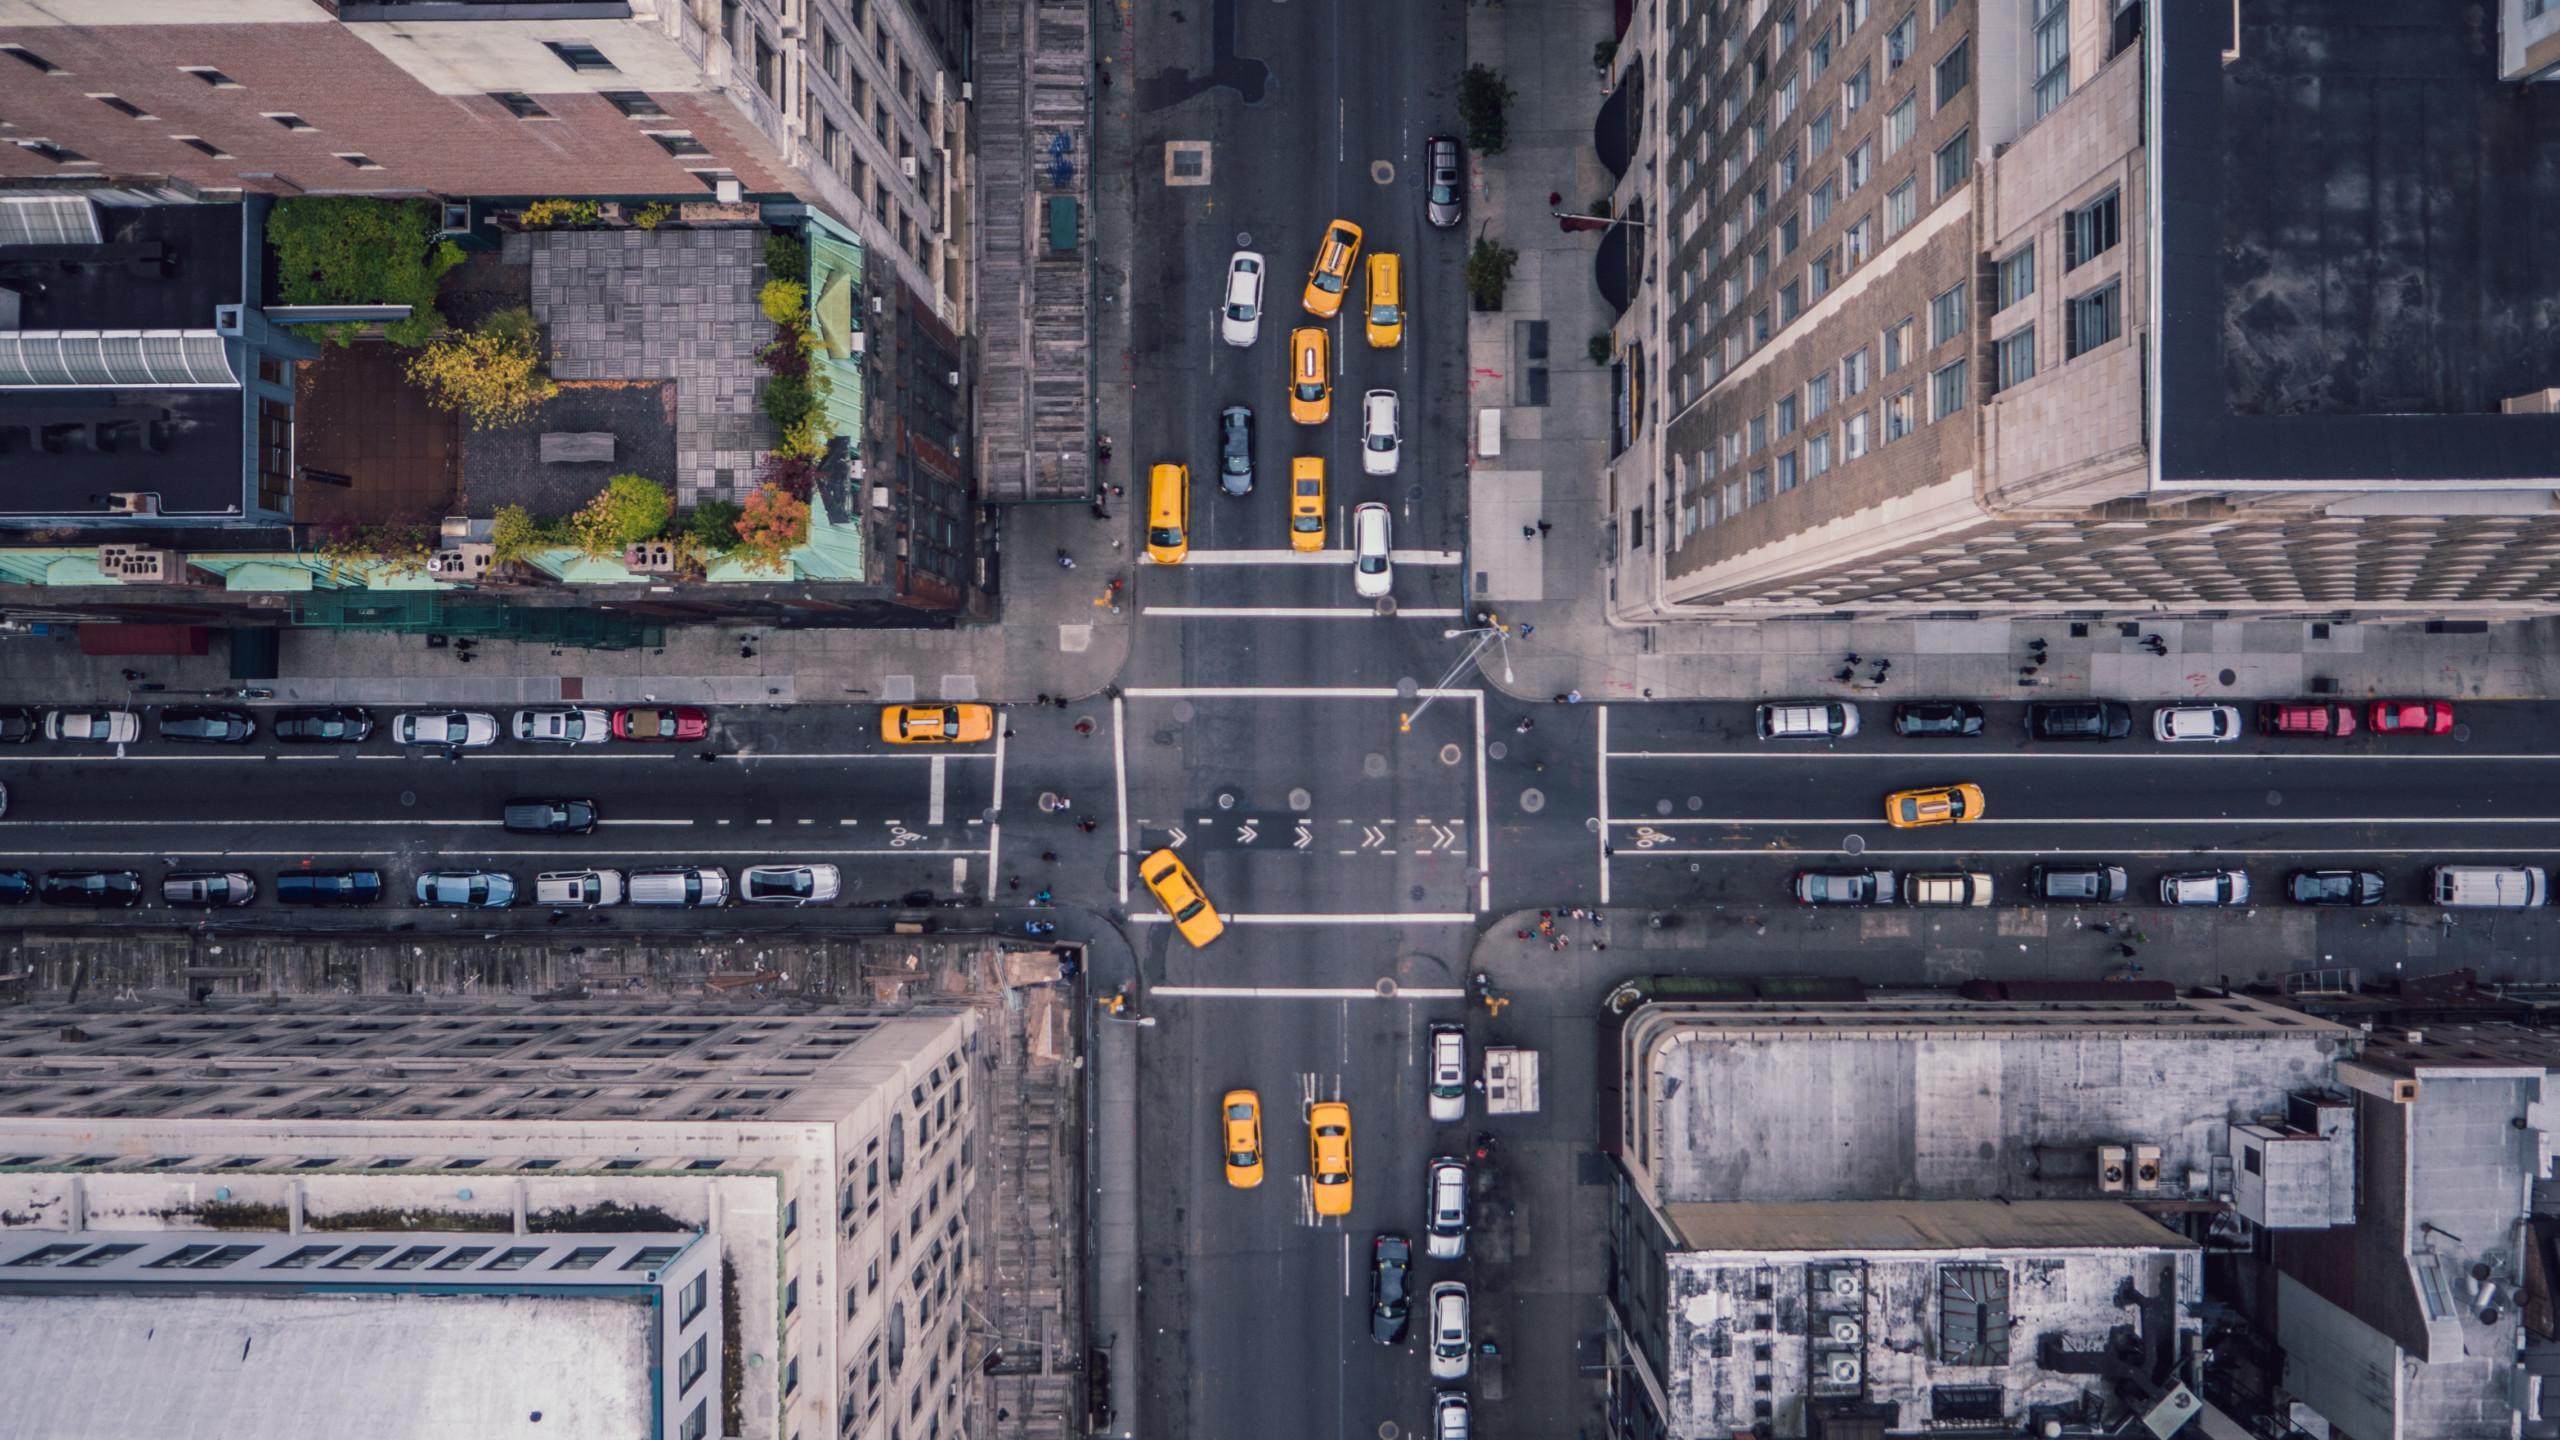 Trafic noise is one of neighborhood noises